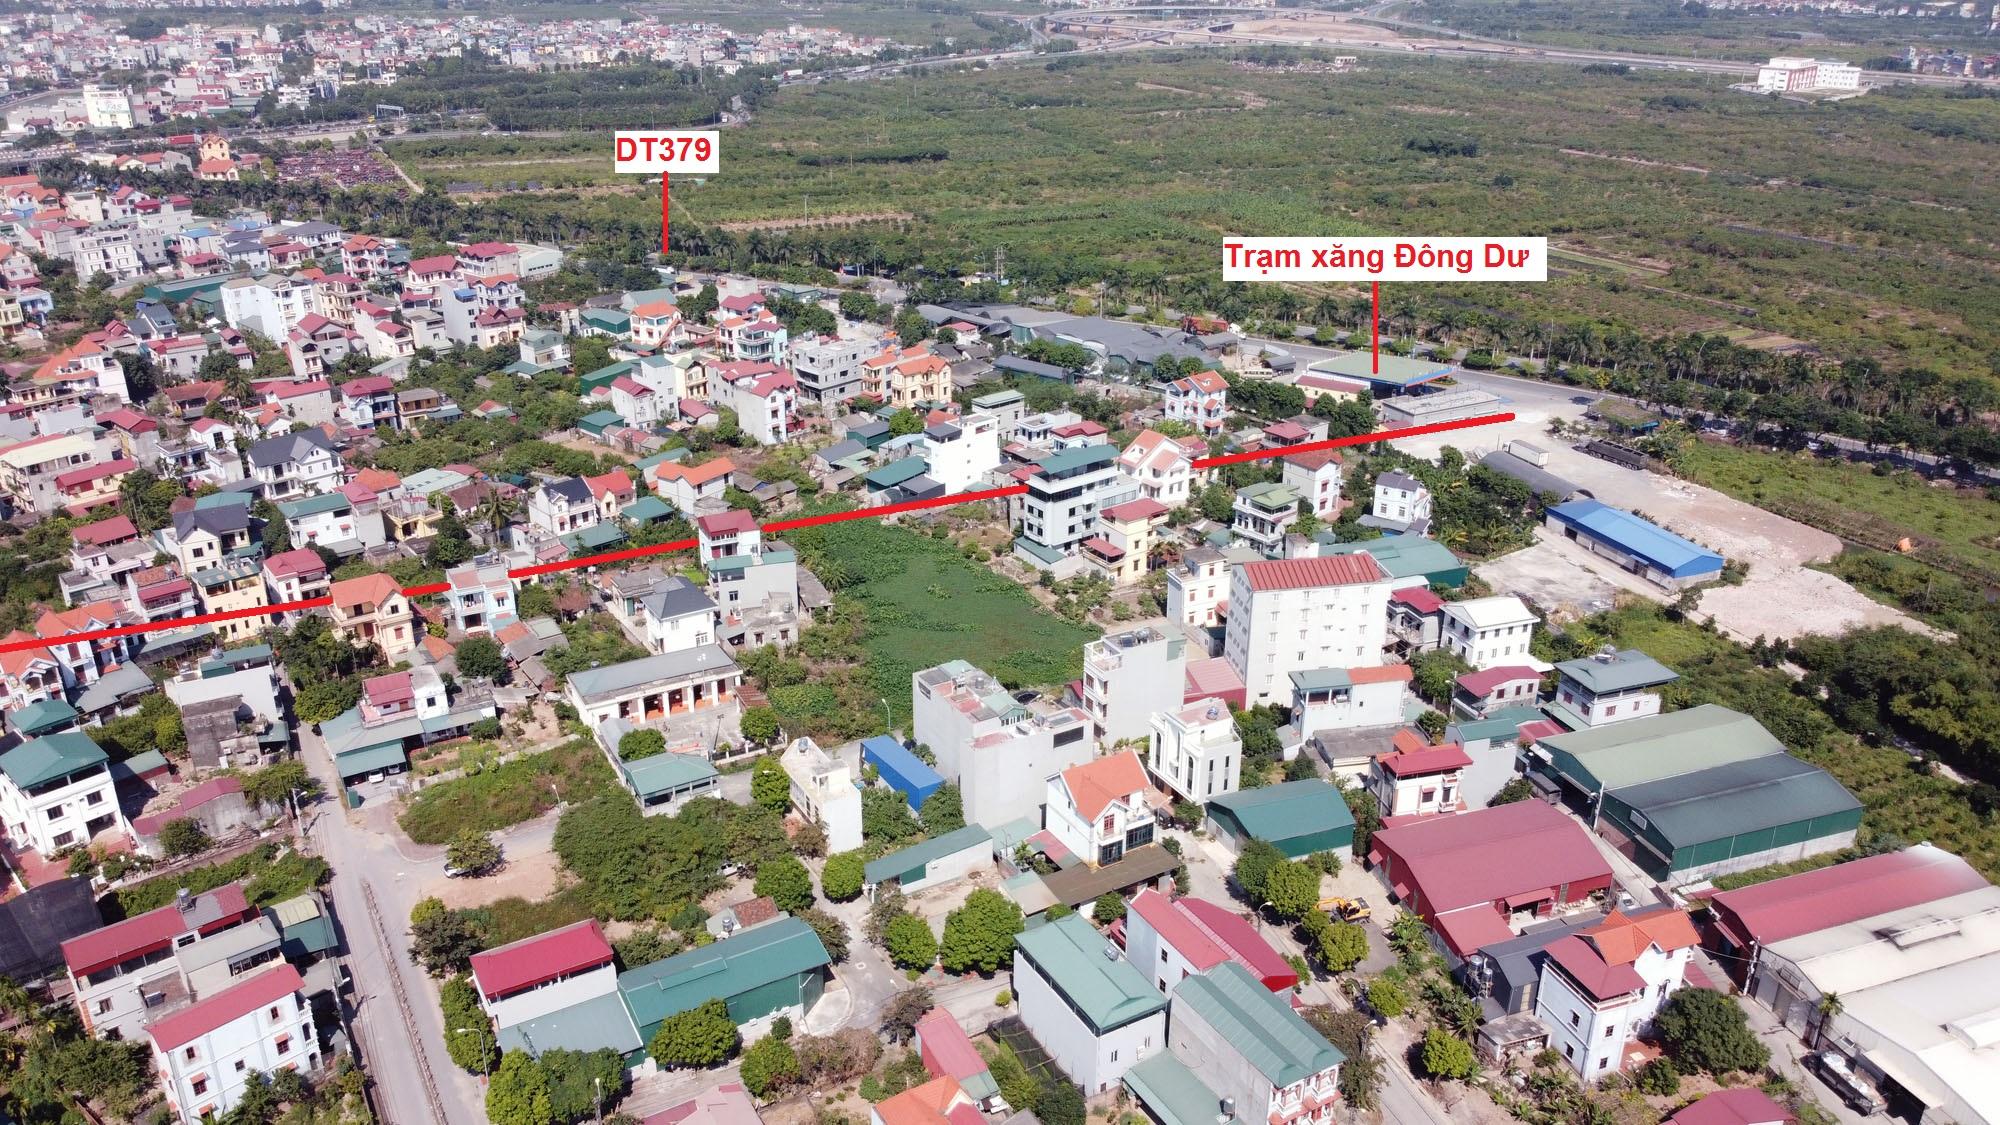 4 đường sẽ mở theo qui hoạch ở xã Đông Dư, Gia Lâm, Hà Nội - Ảnh 6.